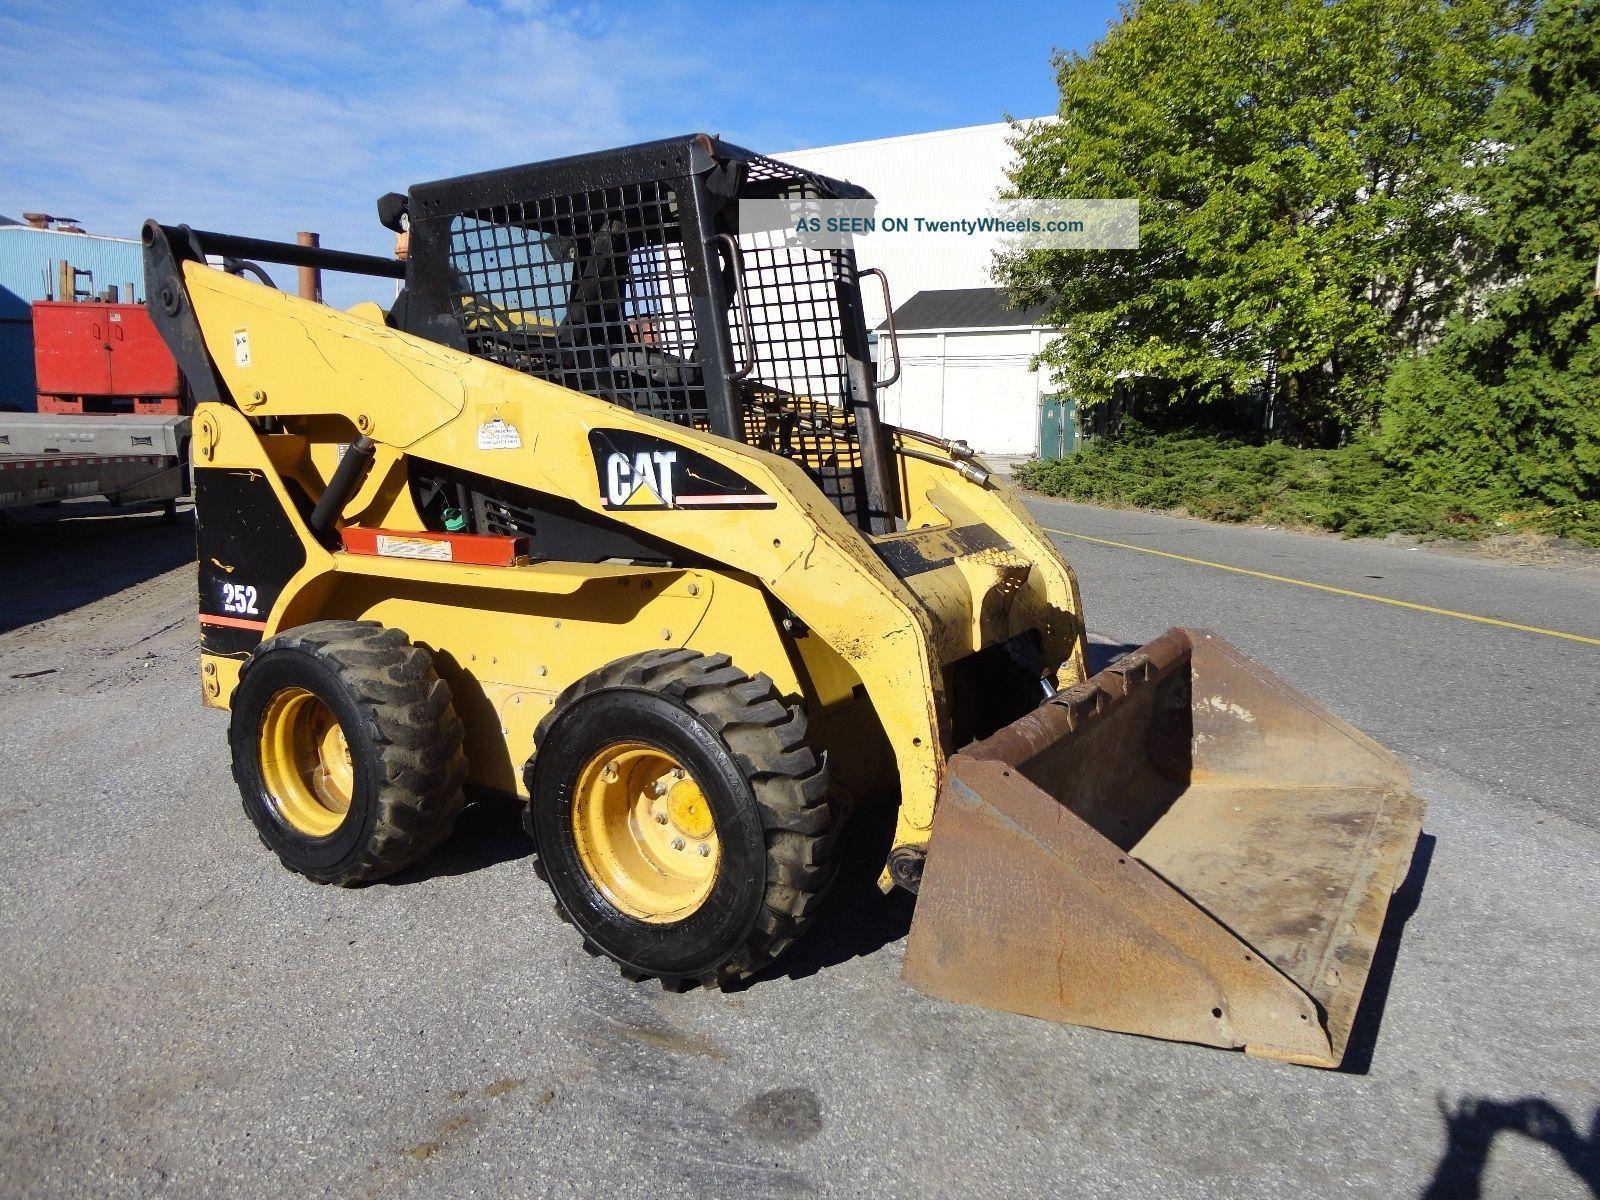 Skid Steer Controls : Cat wheel skid steer loader aux hydraulics